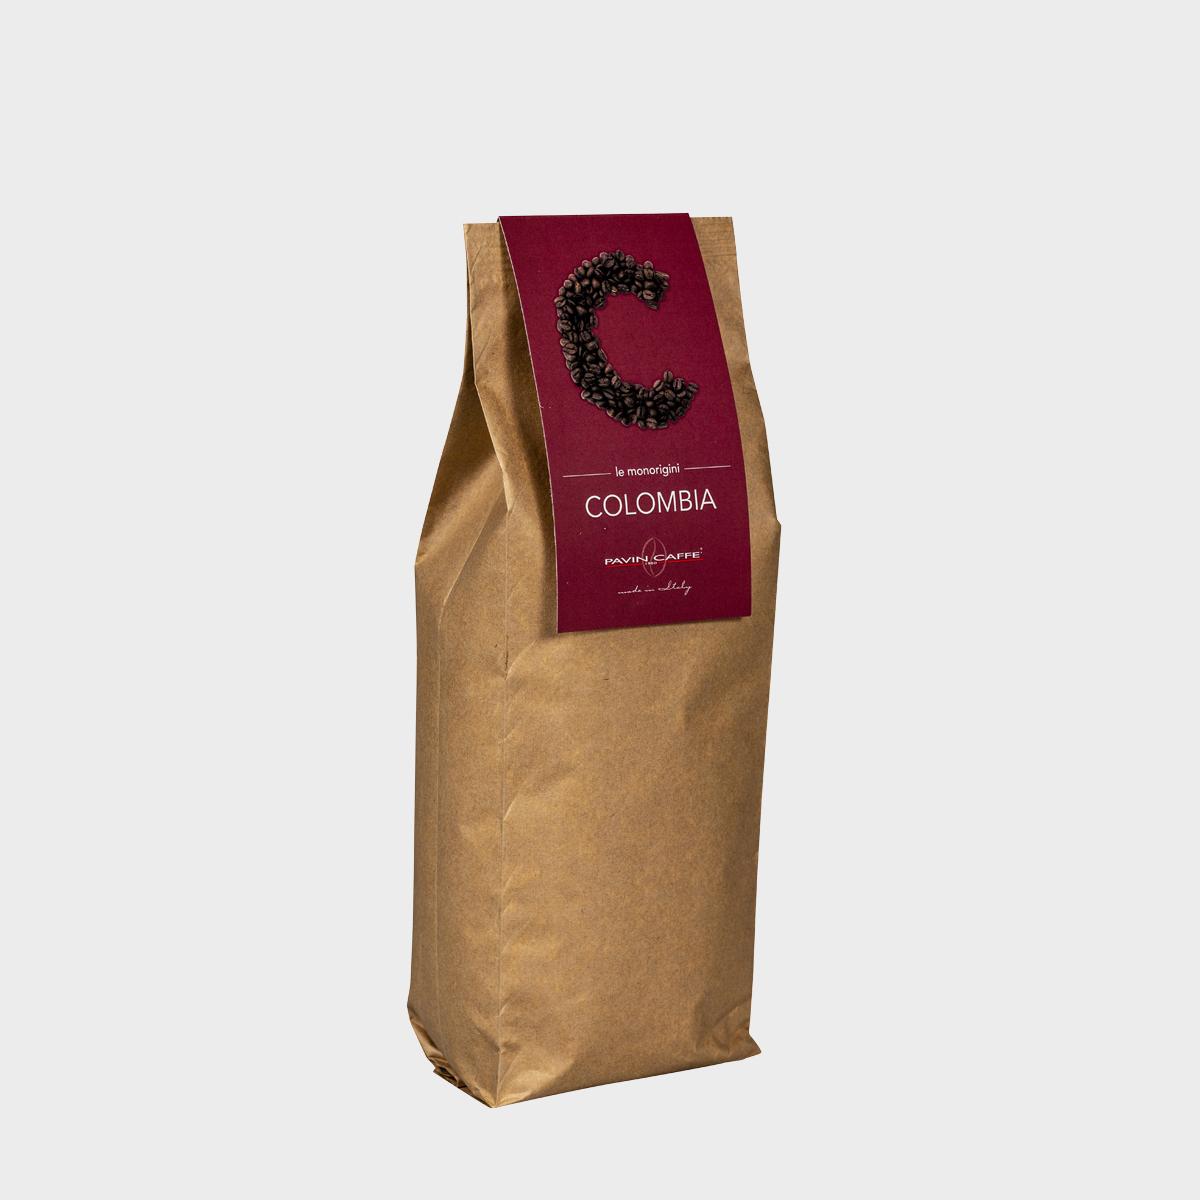 monorigine-pavin-caffe-colombia